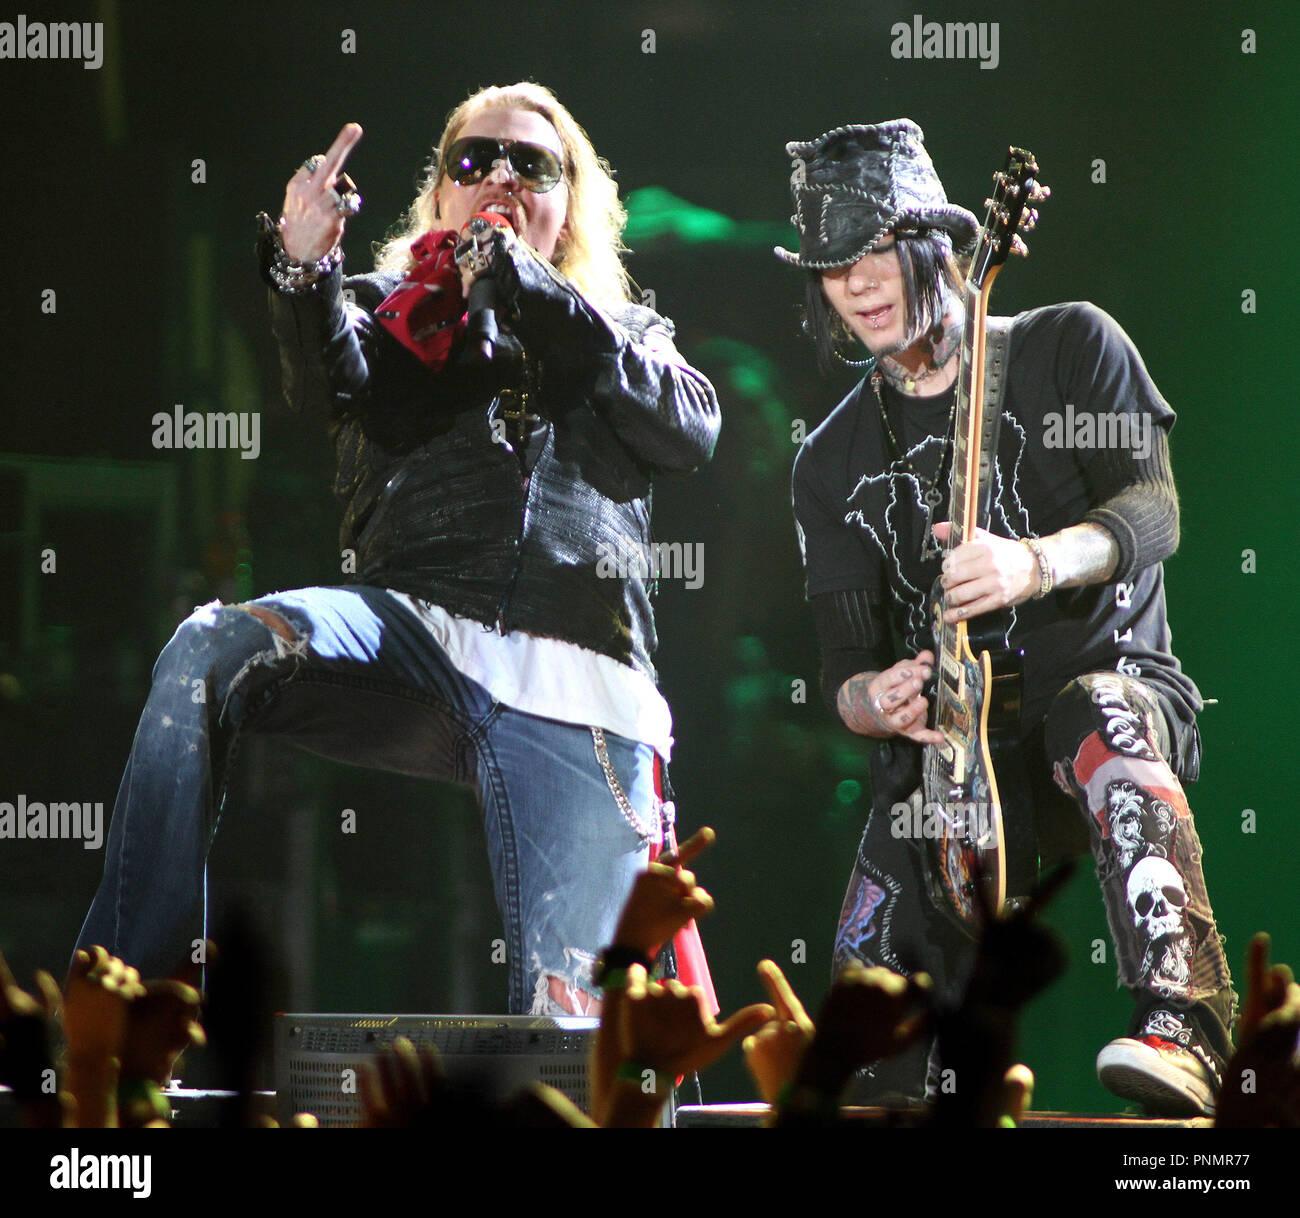 Axl Rose y DJ Ashba con Guns N' Roses actuarán en concierto en el ...